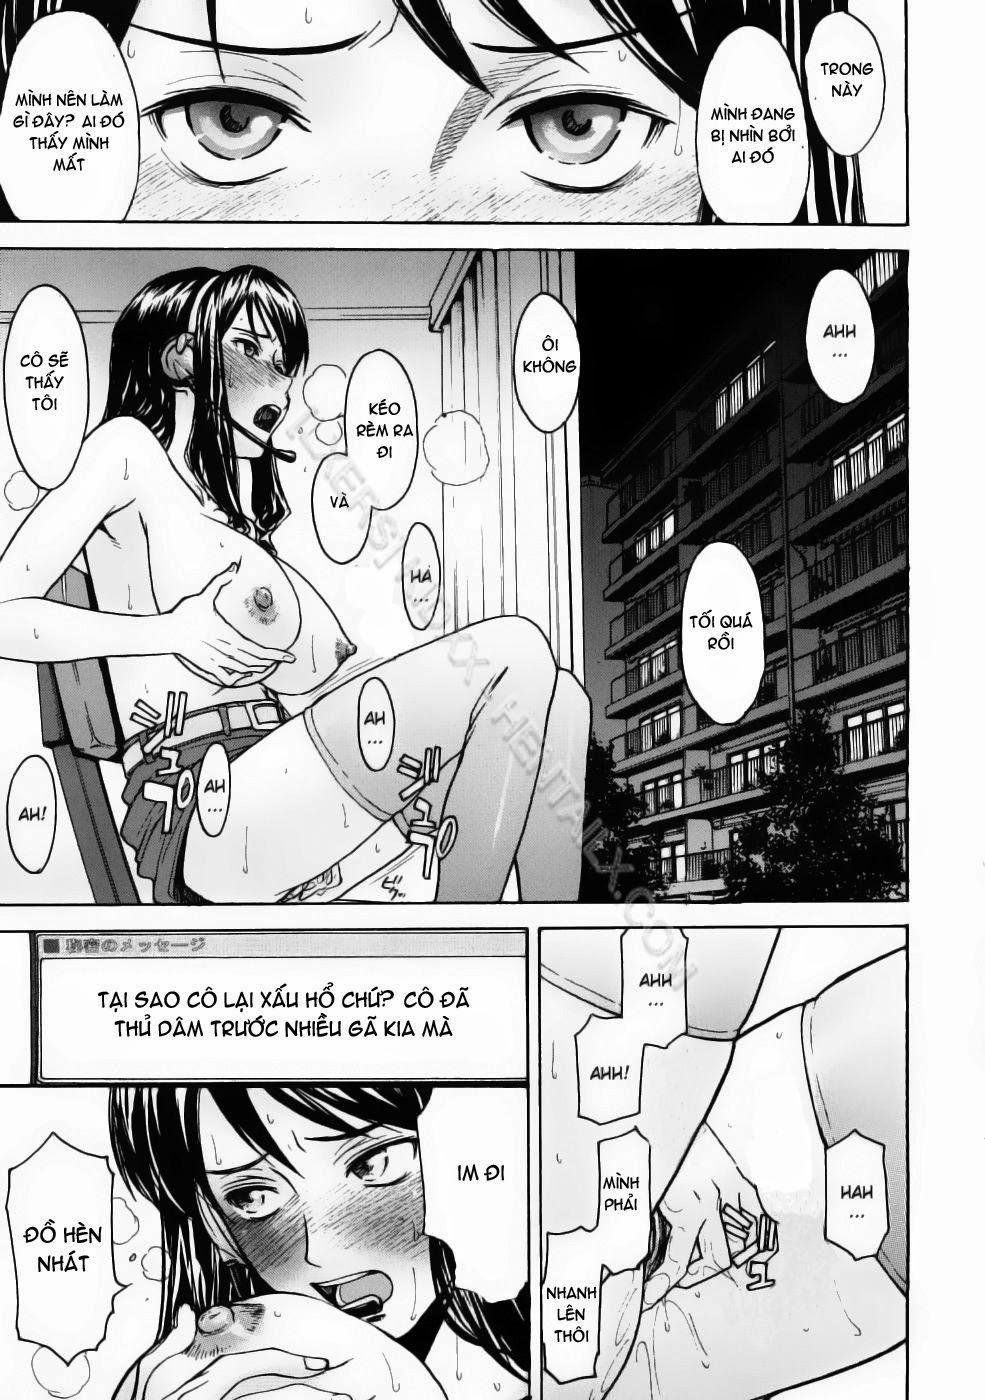 Hình ảnh Hinh017 in Sex Bạo Dâm Dây Trói Xiềng Xích [Uncen]